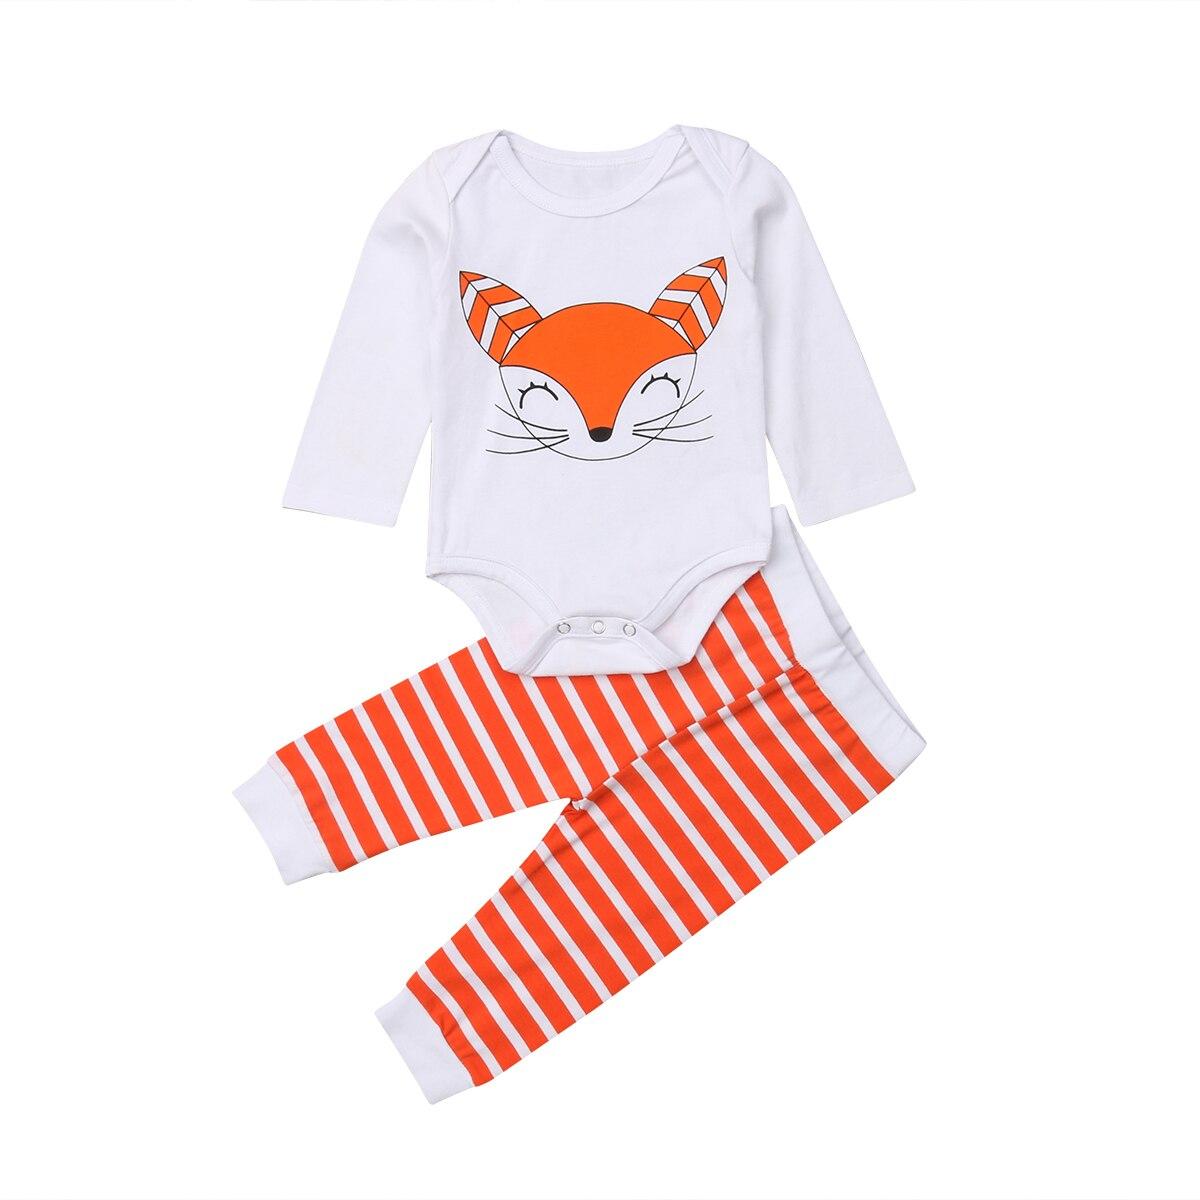 0-18 Mt Infant Neugeborenen Baby Junge Mädchen Langarm Fuchs Baumwolle Body Tops Striped Lange Hose 2 Stücke Herbst Kleidung Set Um 50 Prozent Reduziert